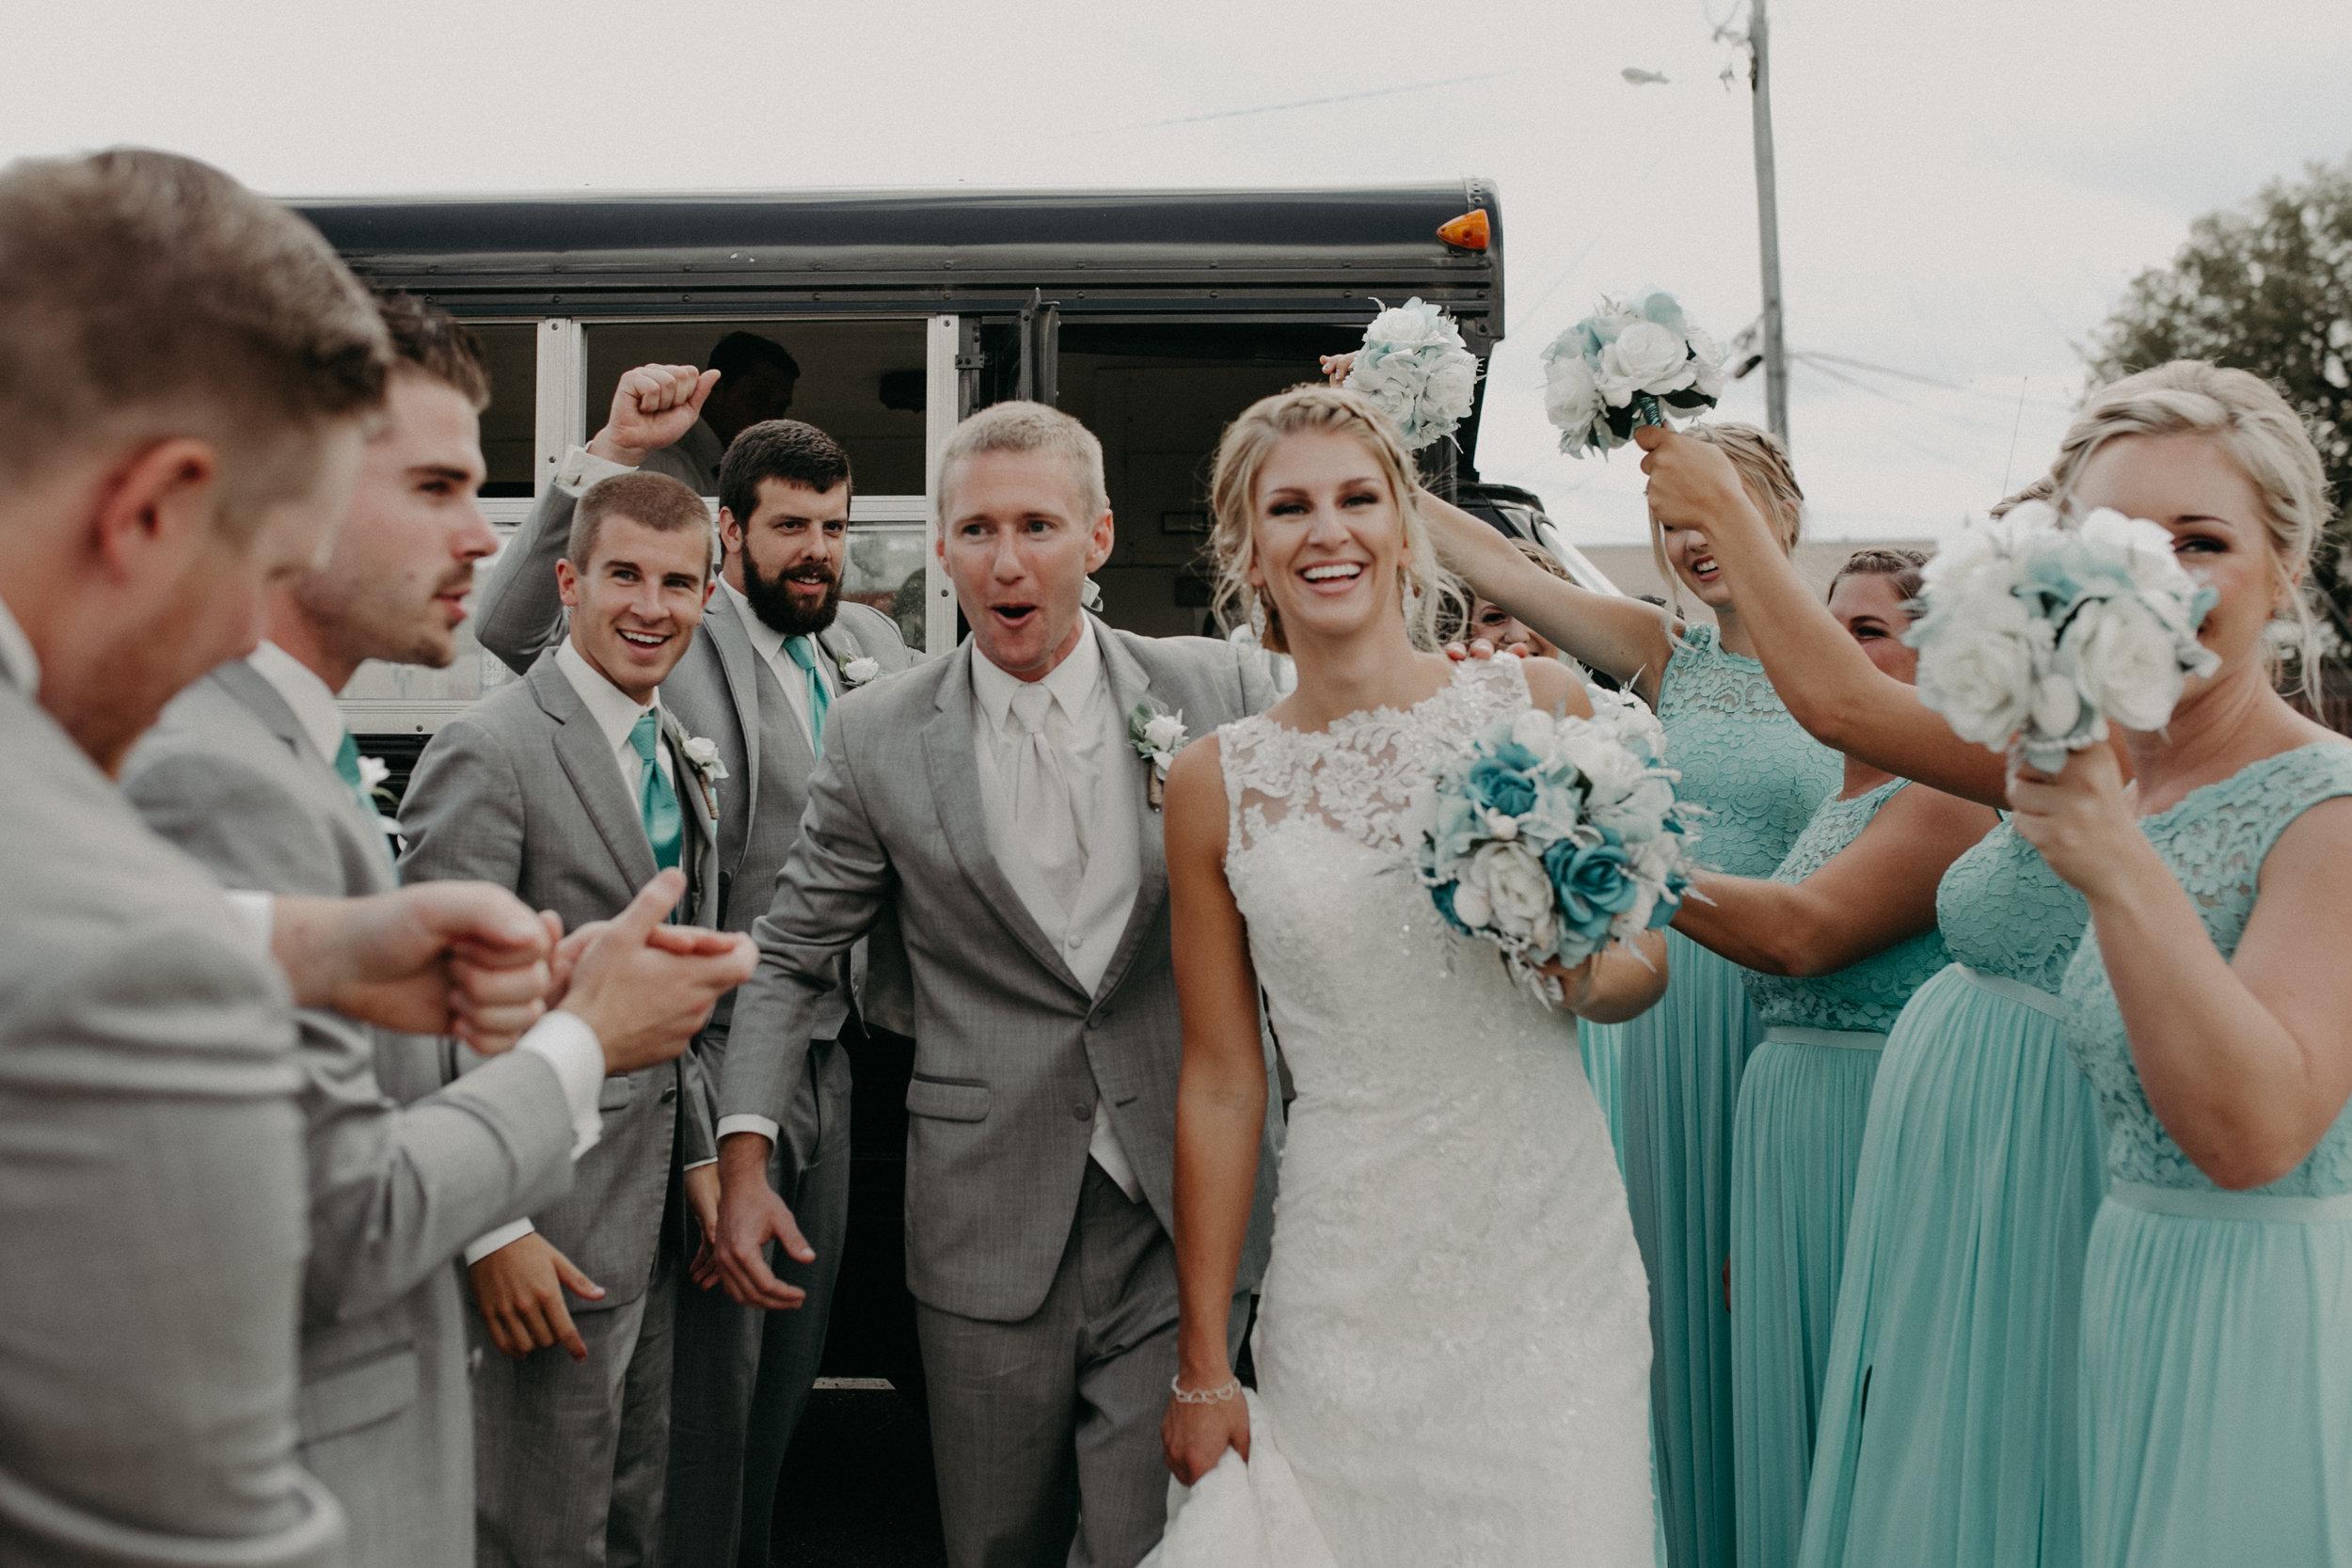 bride-groom-party-bus-wedding-marshfield-wi